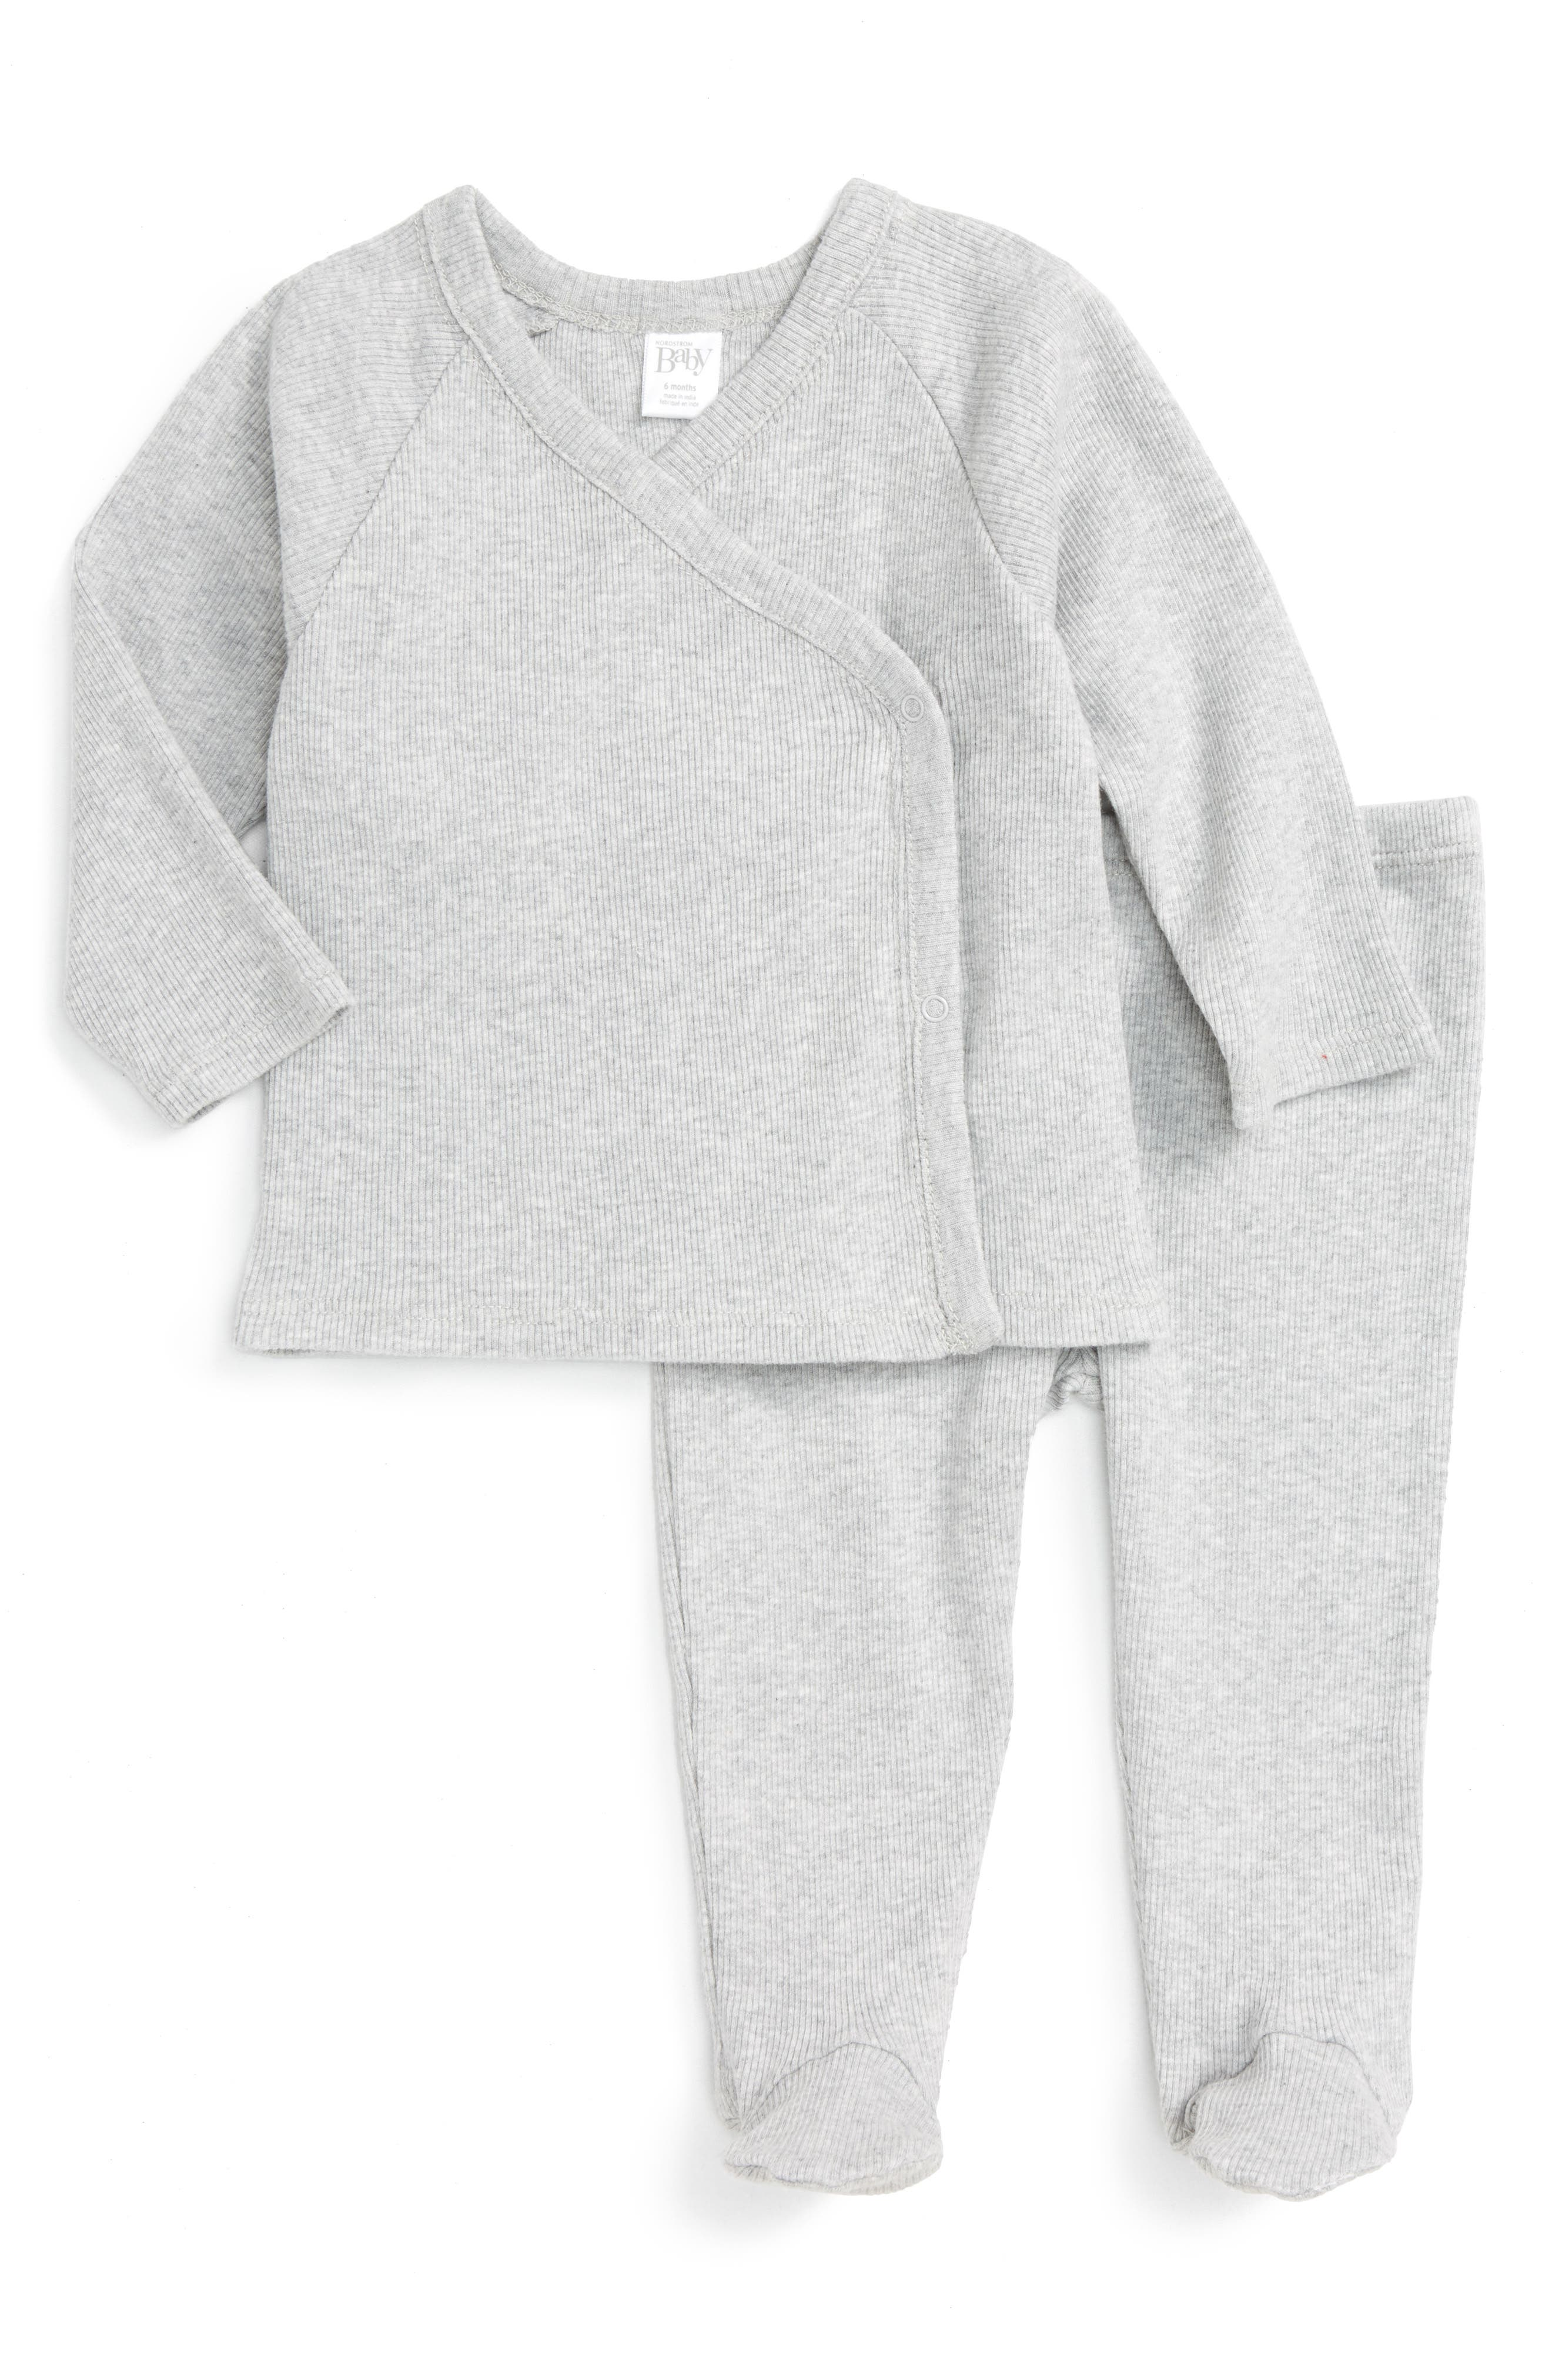 NORDSTROM BABY, Rib Knit T-Shirt & Pants Set, Main thumbnail 1, color, GREY ASH HEATHER